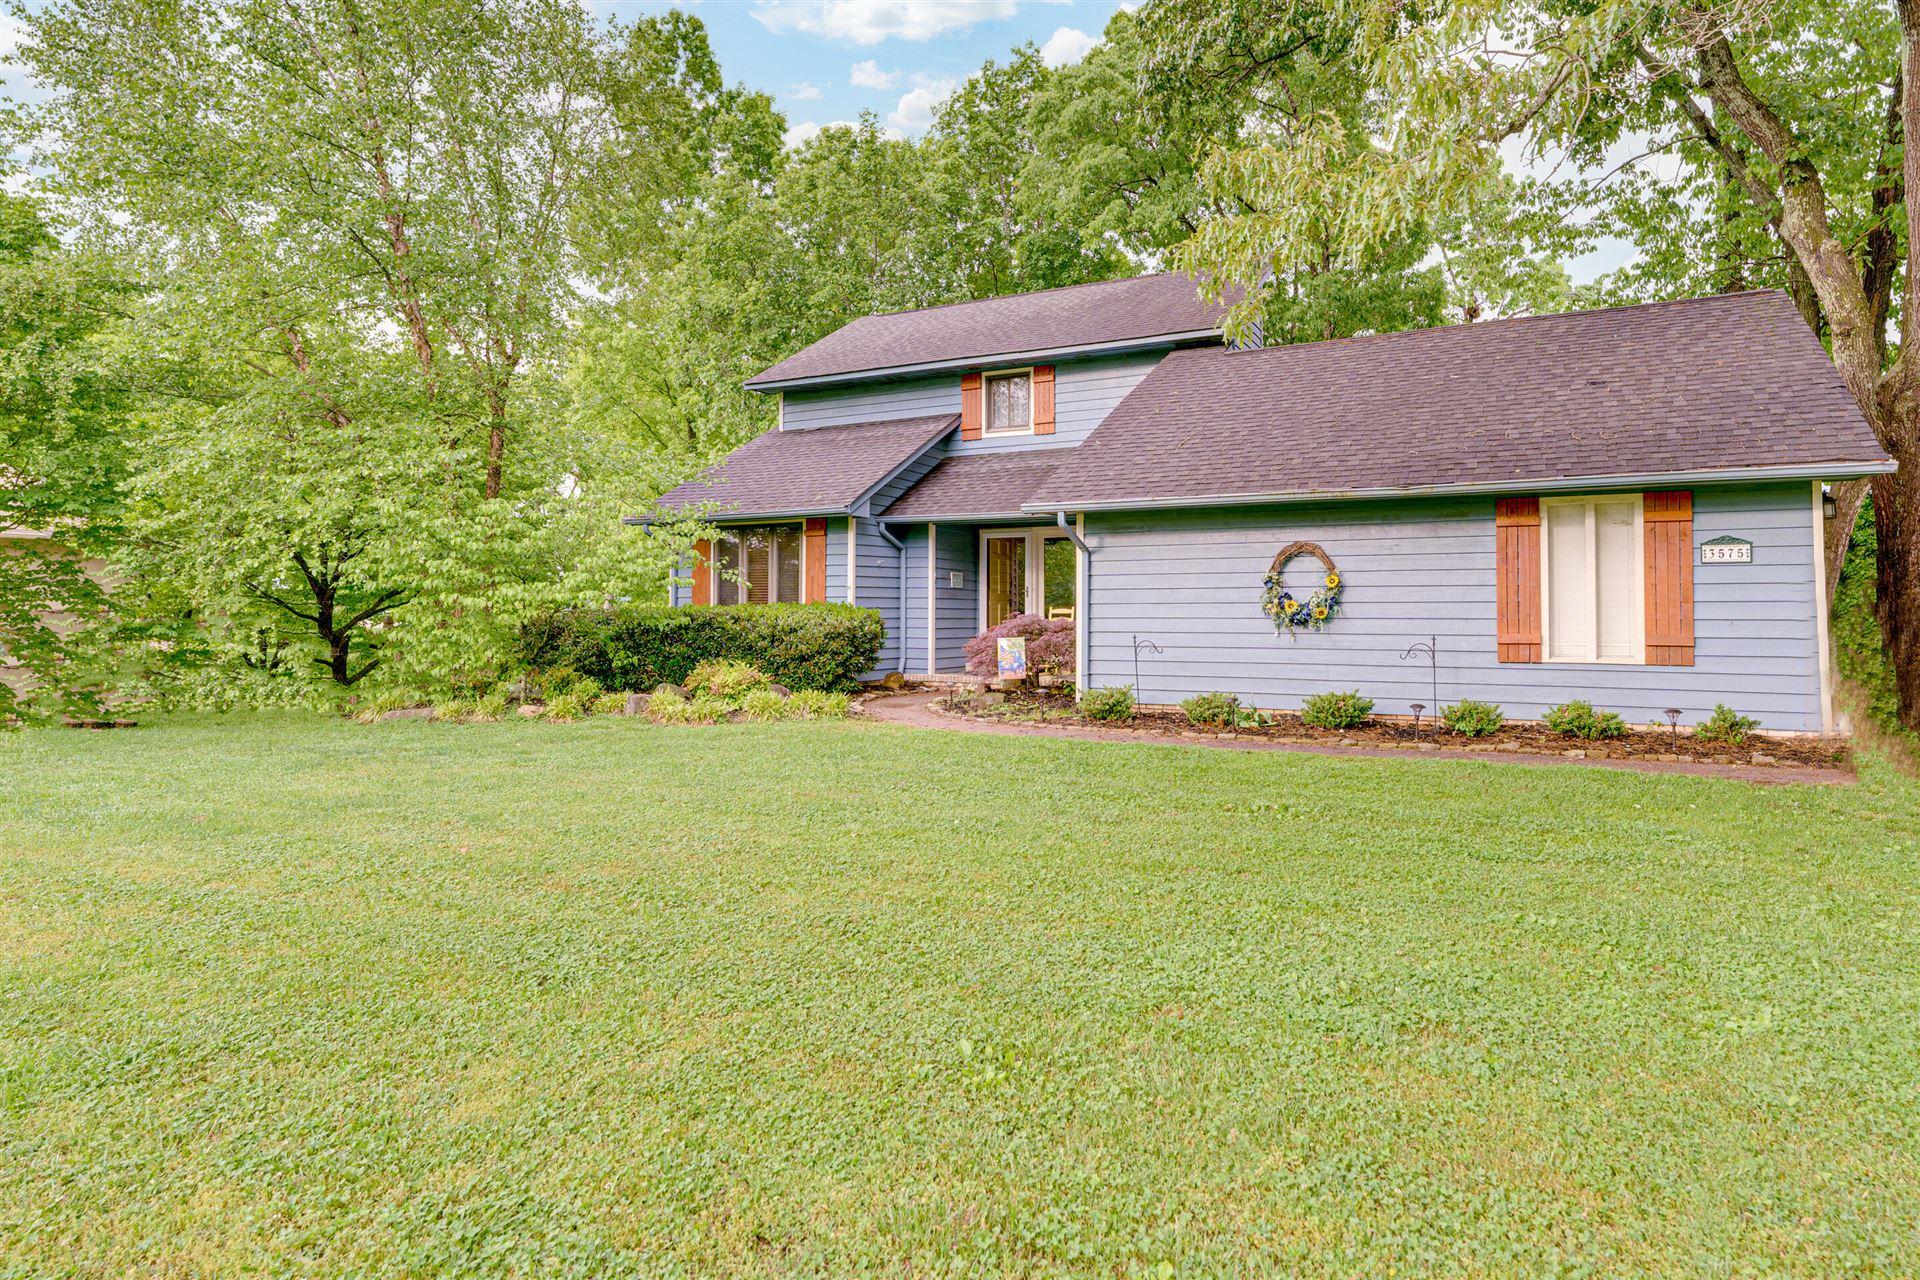 Photo for 3575 E Atherton Lane, White Pine, TN 37890 (MLS # 1151867)